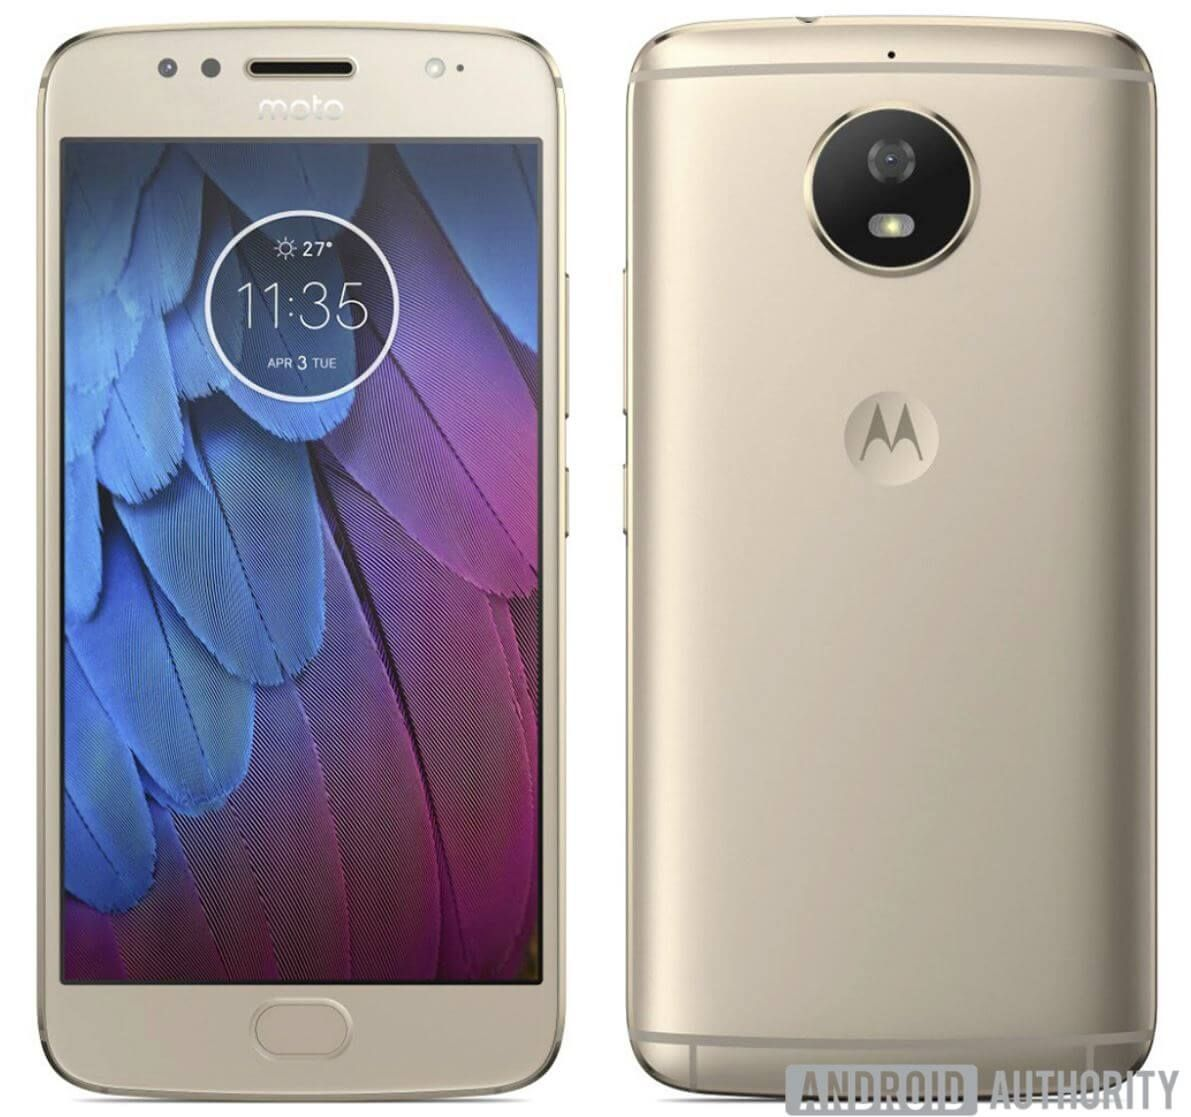 Motorola Moto G5s Und Moto G5s Plus Sollen Mit Android 7 1 1